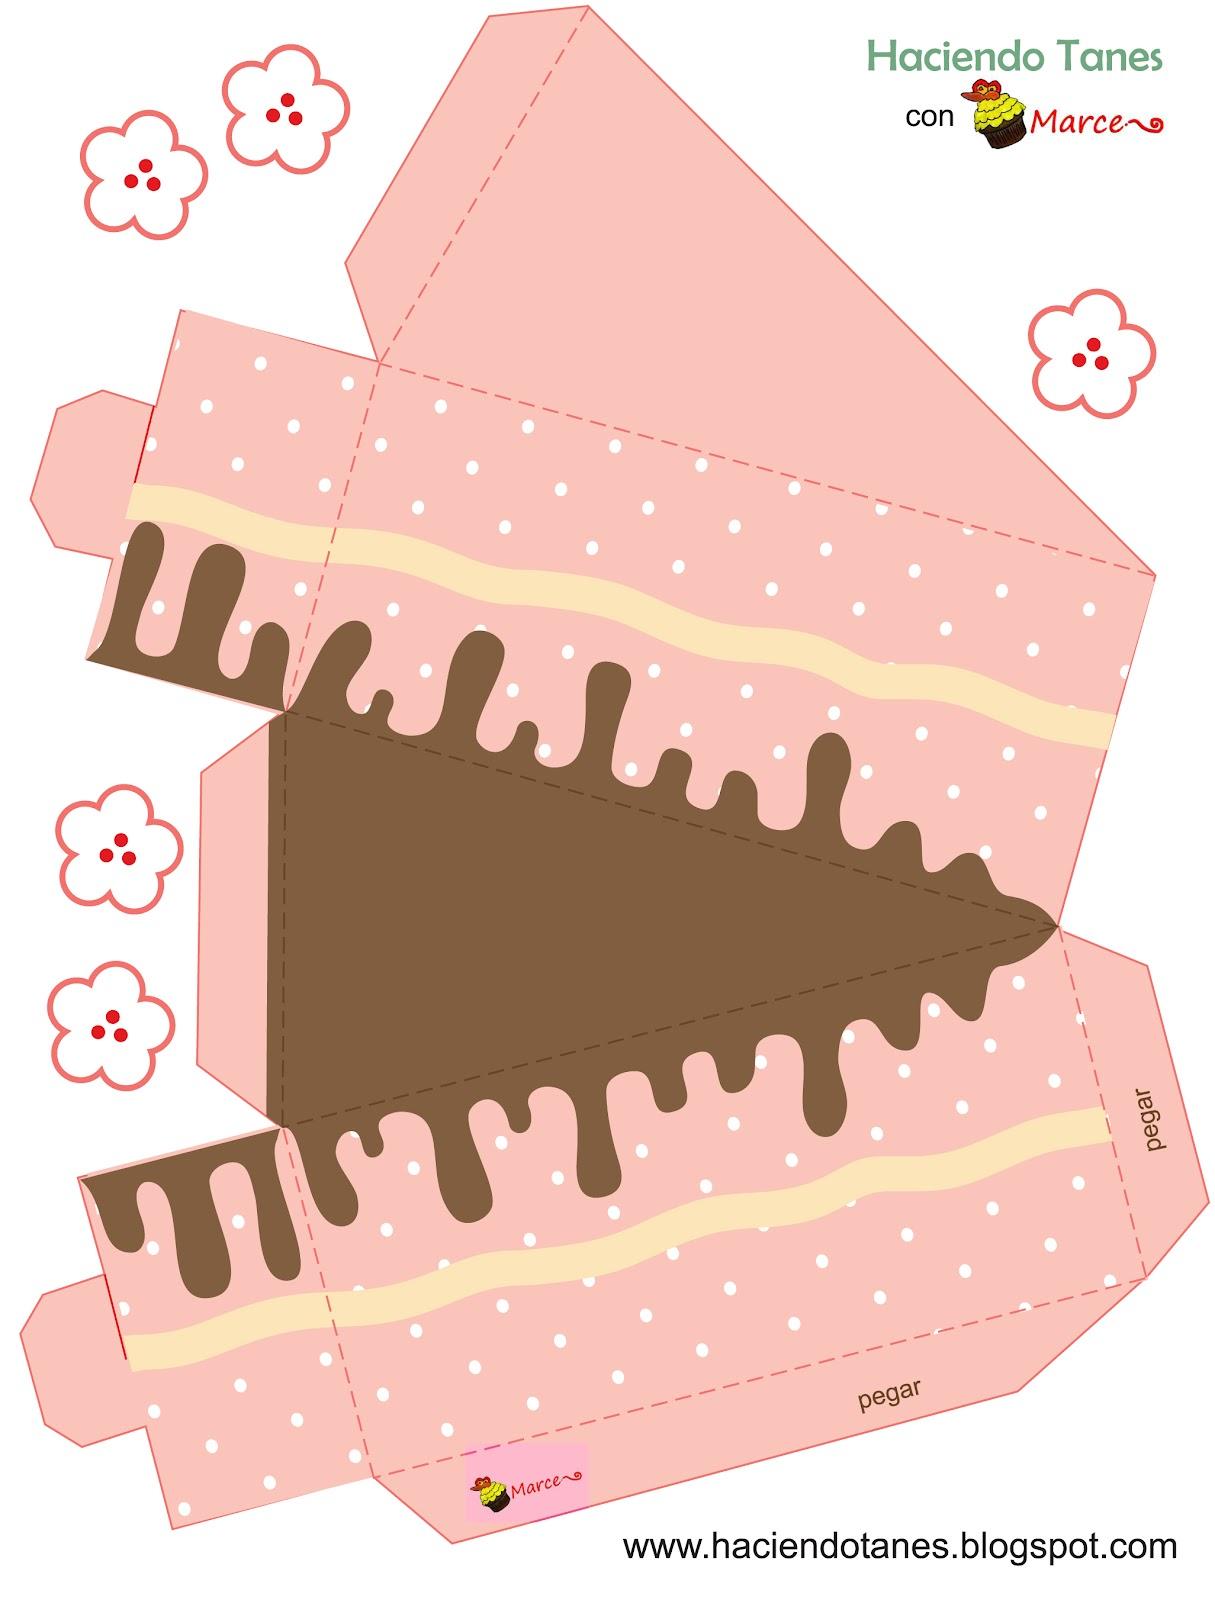 Haciendo tanes un lindo pastel de cart n - Como decorar un dibujo de una castana ...